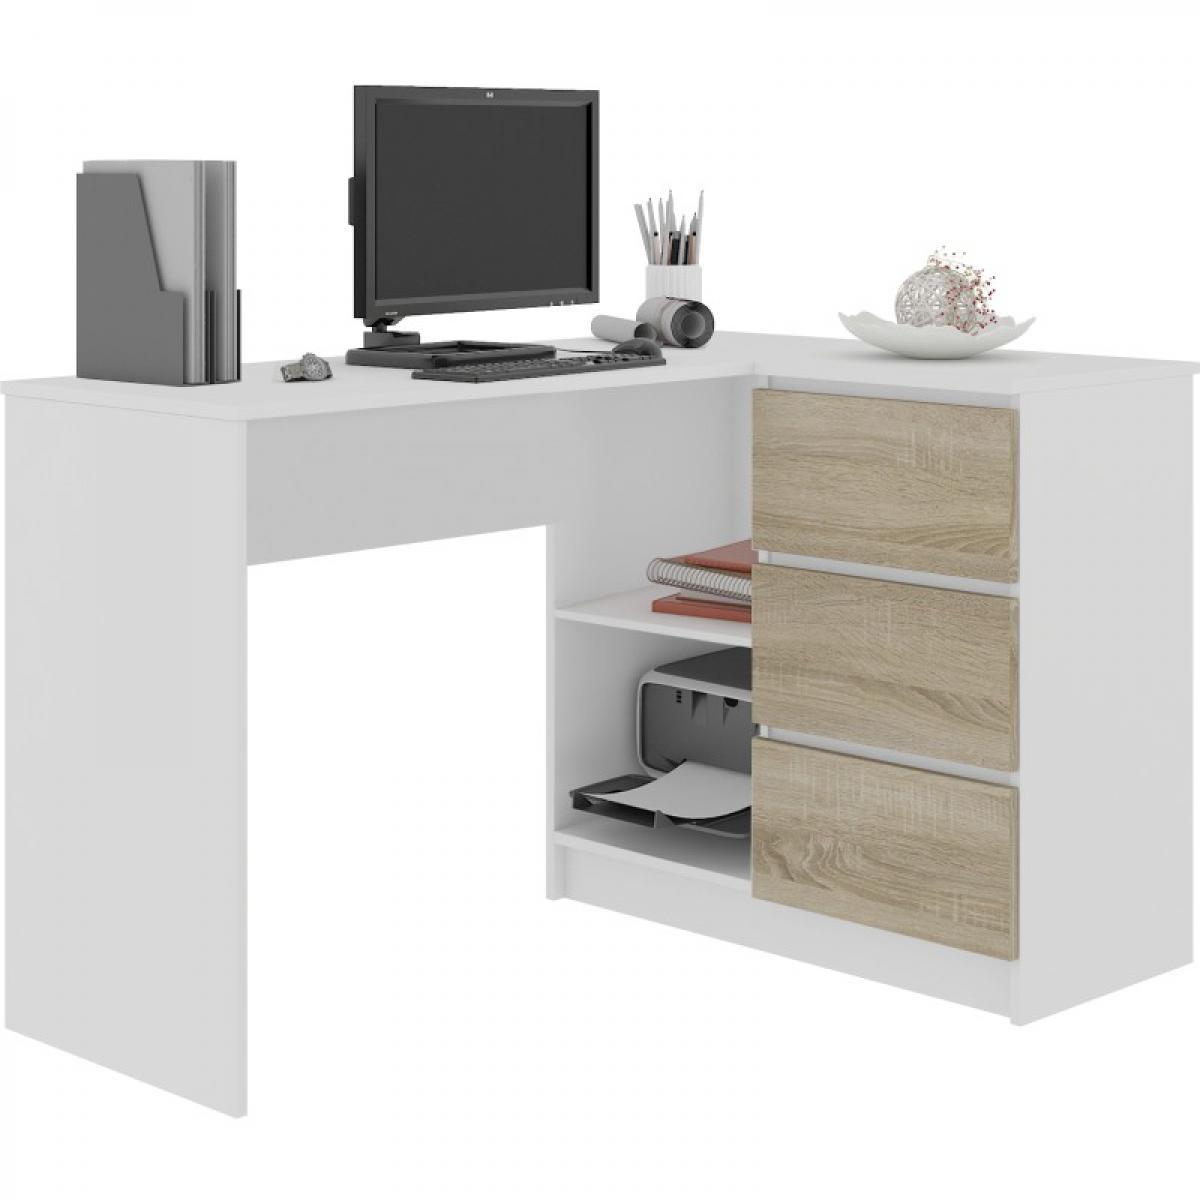 Hucoco SUNDAR | Bureau informatique d'angle moderne 124x85x77 | 3 tiroirs + 2 grandes niches | Table ordinateur multi-rangement